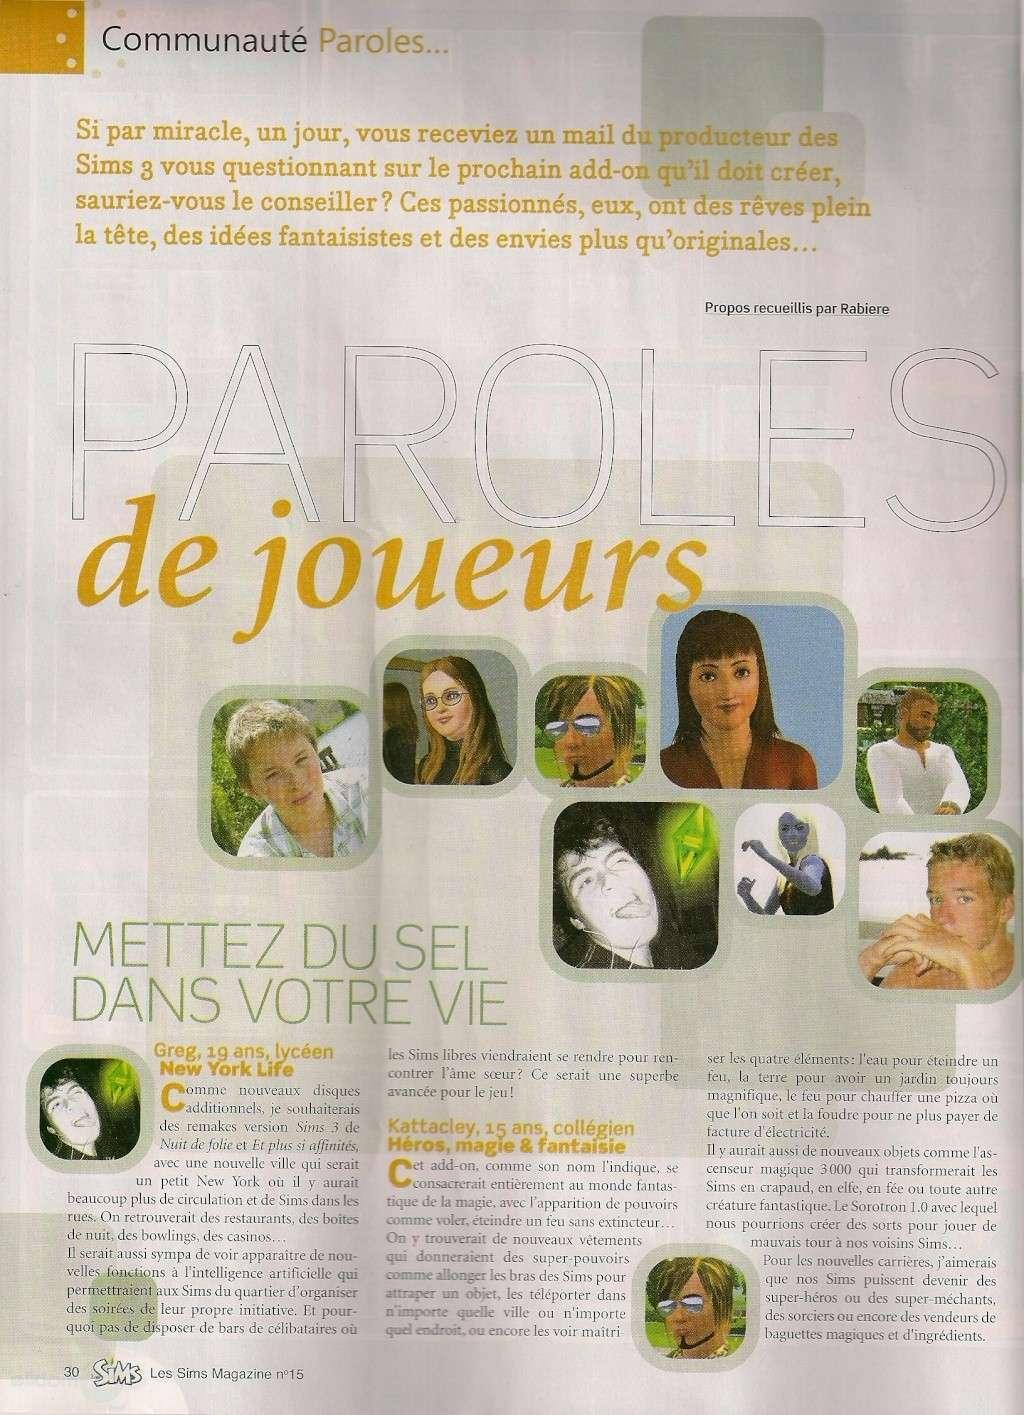 Le Magazine officiel [Arrêté] - Page 2 Numari11